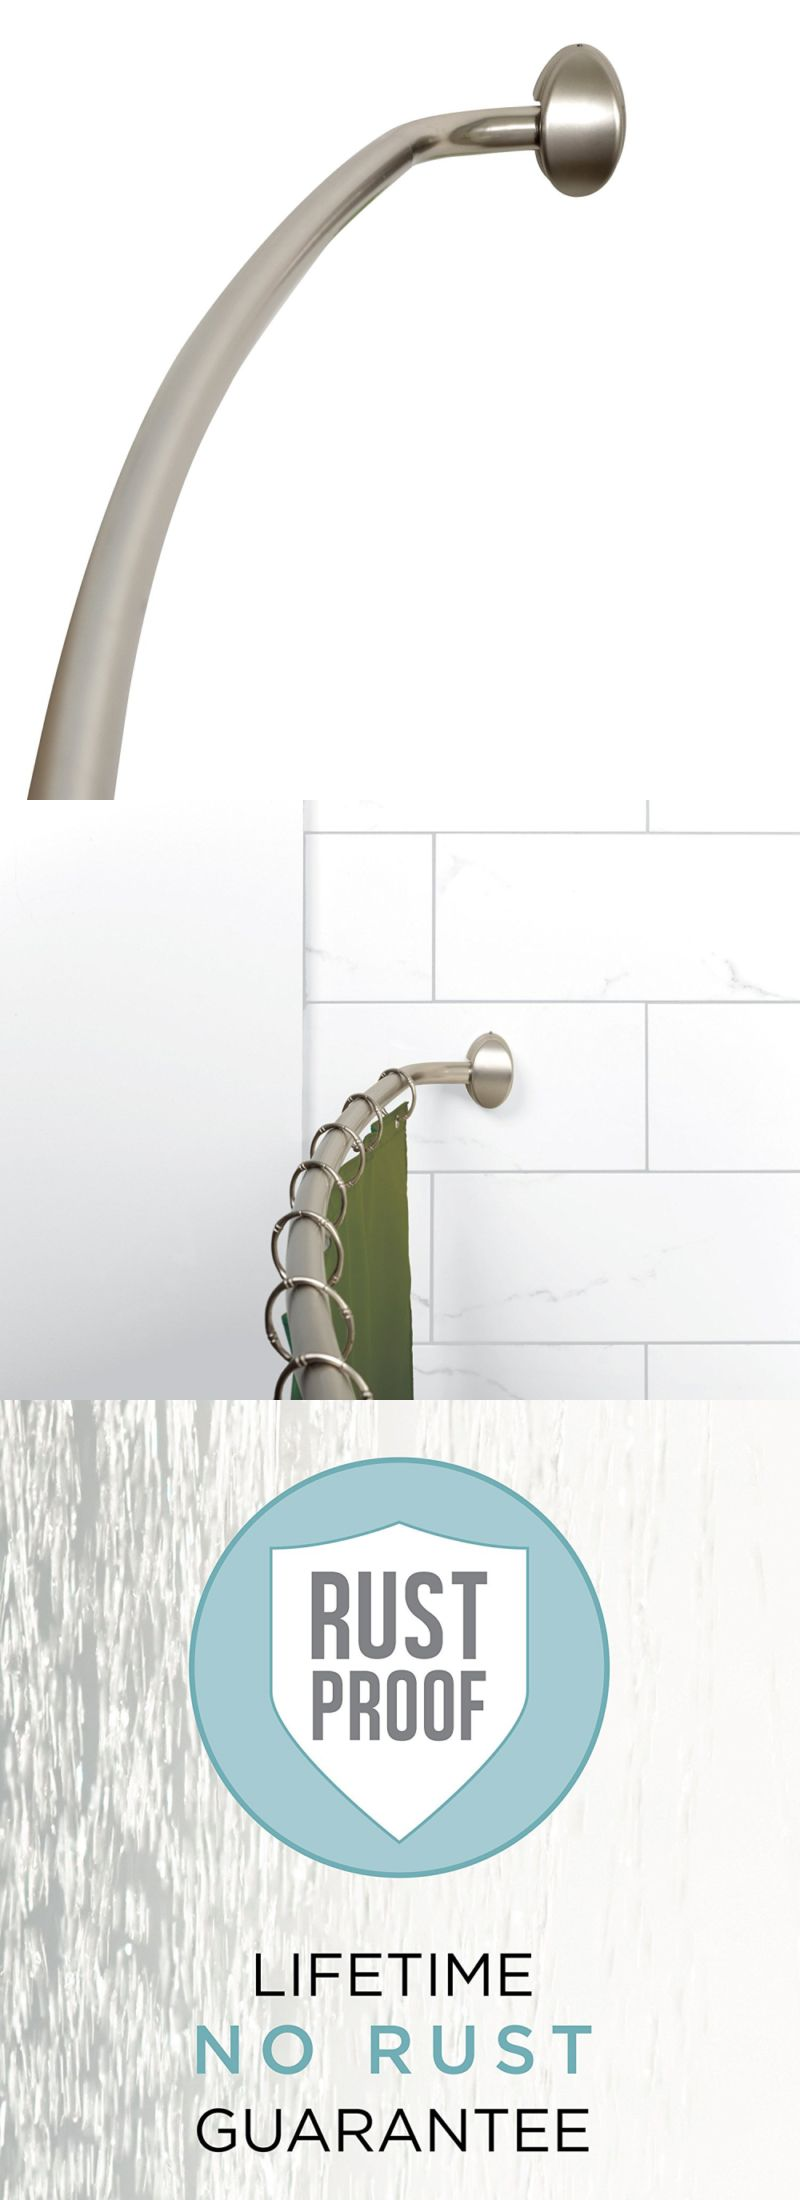 Shower Curtain Rods 168132: Zenna Home E35603bn01, Neverrust Aluminum Curved  Shower Curtain Rod,